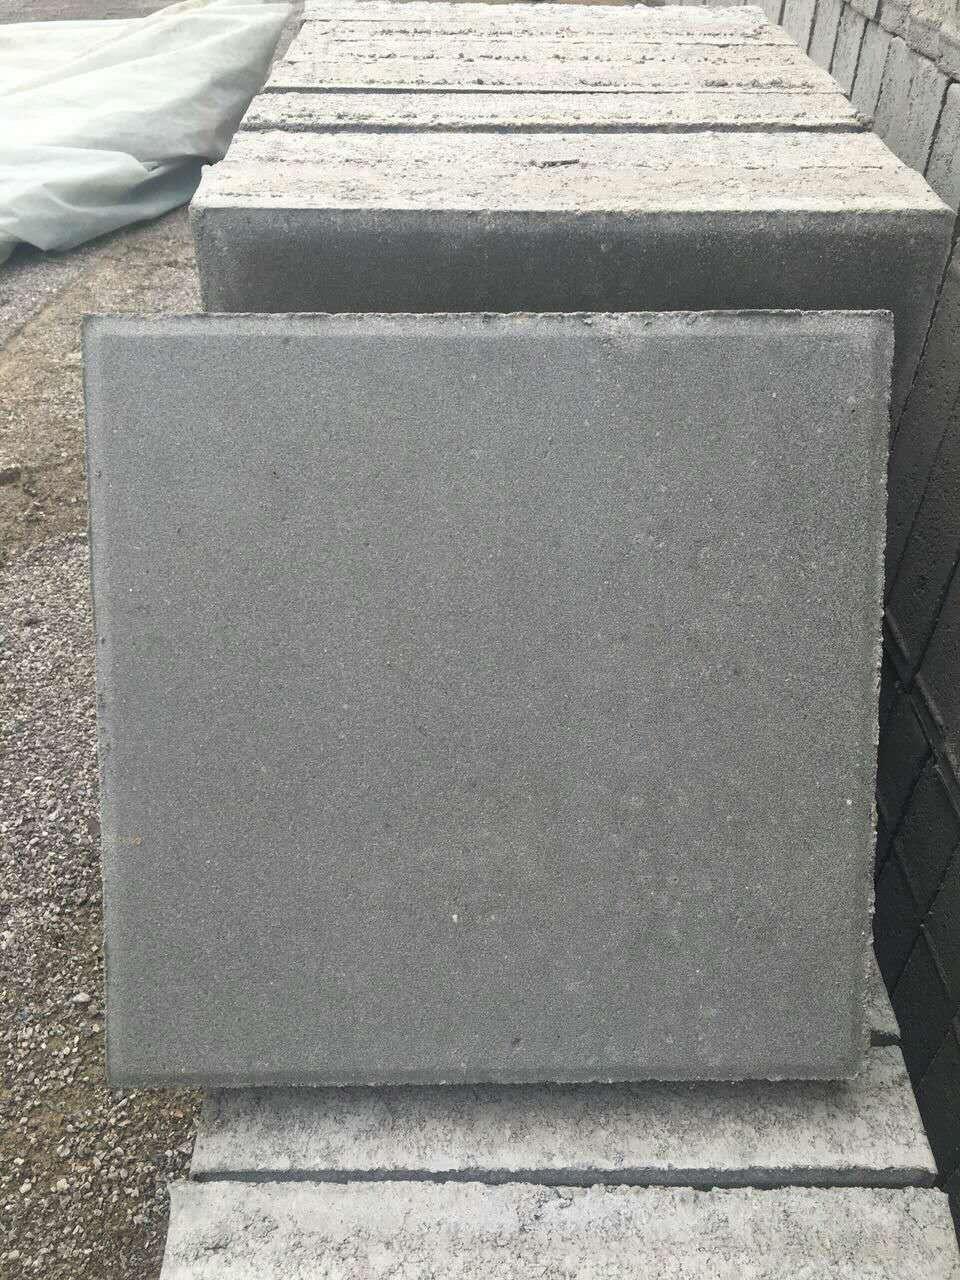 步道砖/步道砖厂家/步道砖价格/北京宏尔斯建材有限责任公司